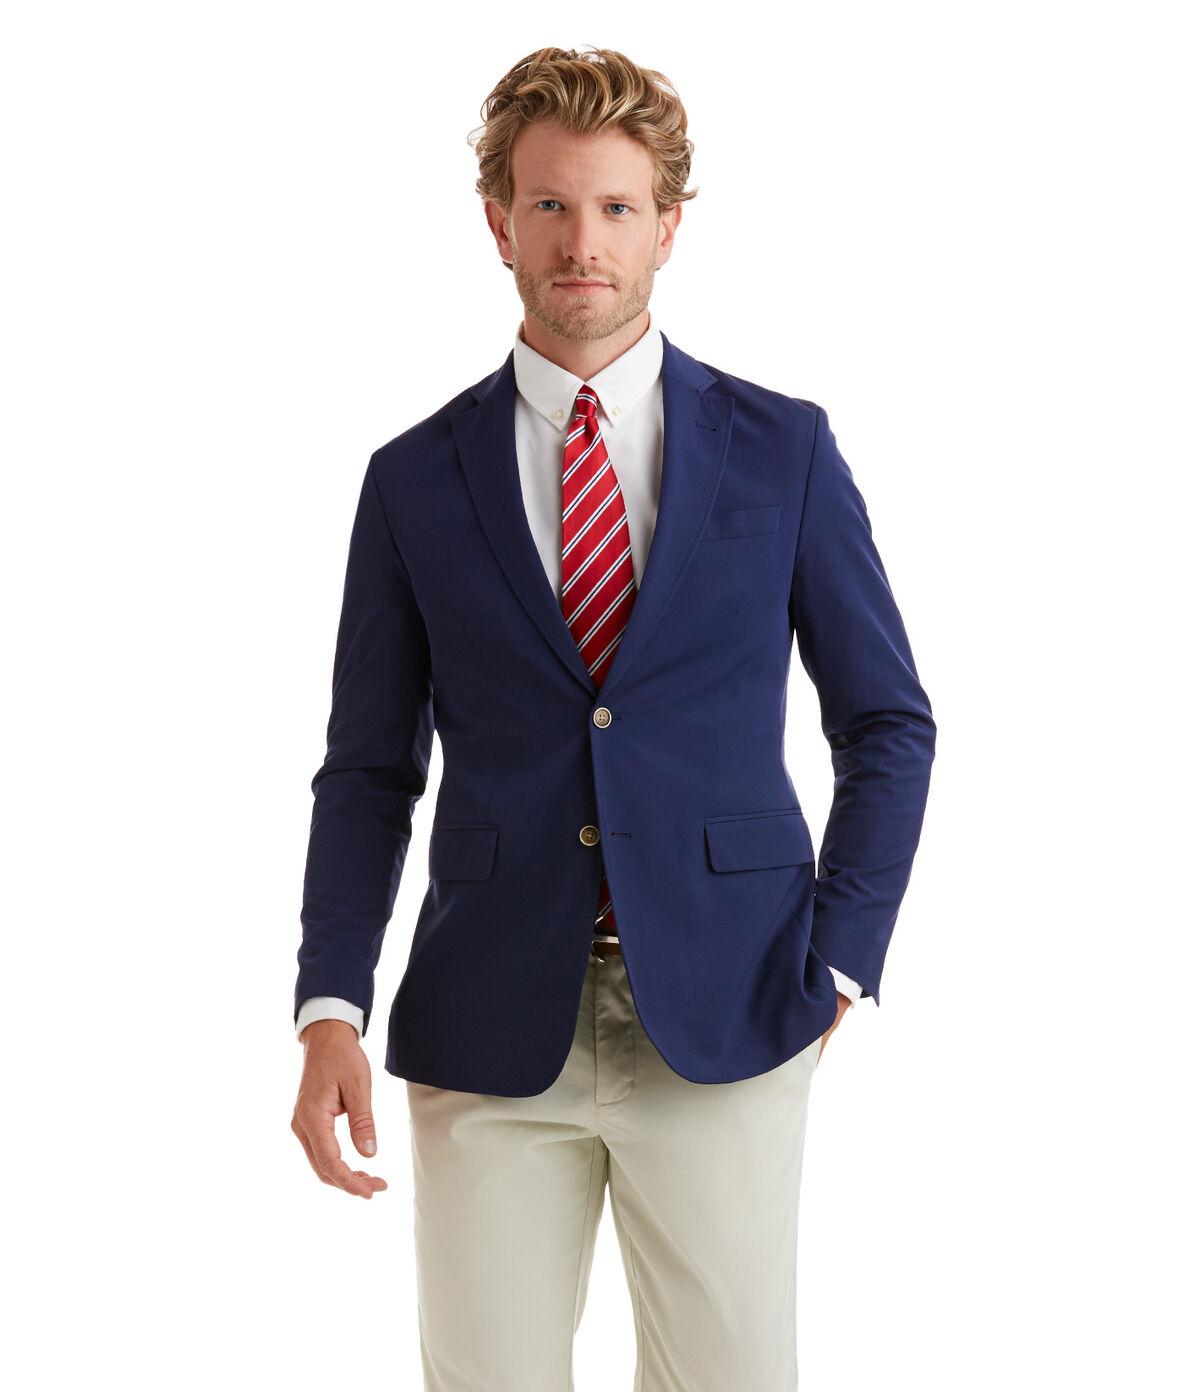 Men's Blazers and Sport Coats from Vineyard Vines